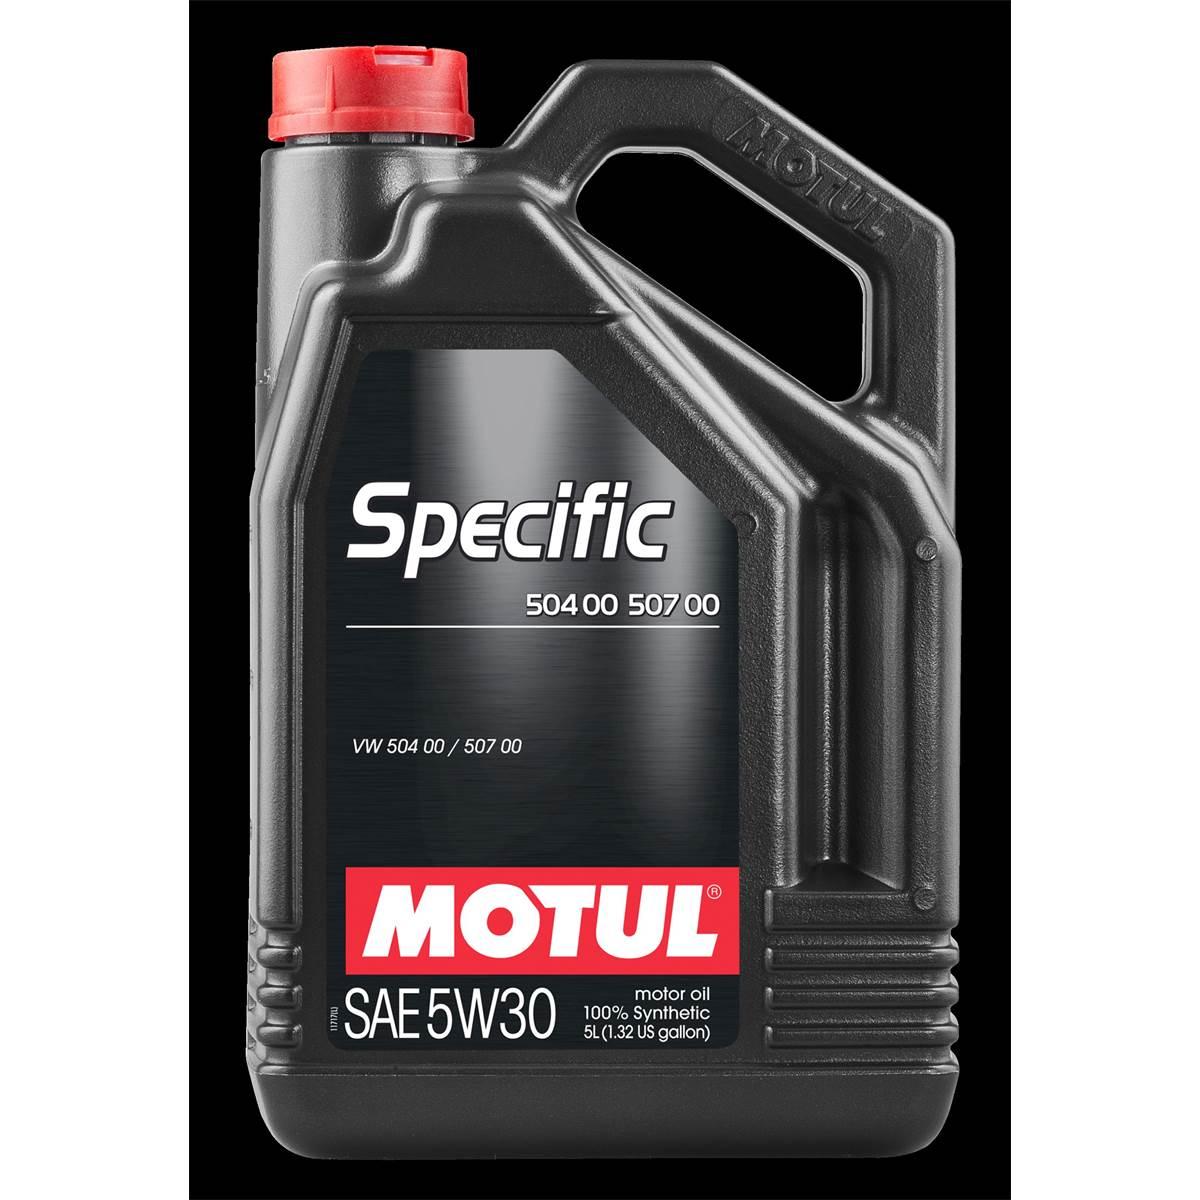 Huile moteur MOTUL Specific 504.00 507.00 Essence/Diesel 5W30 5L